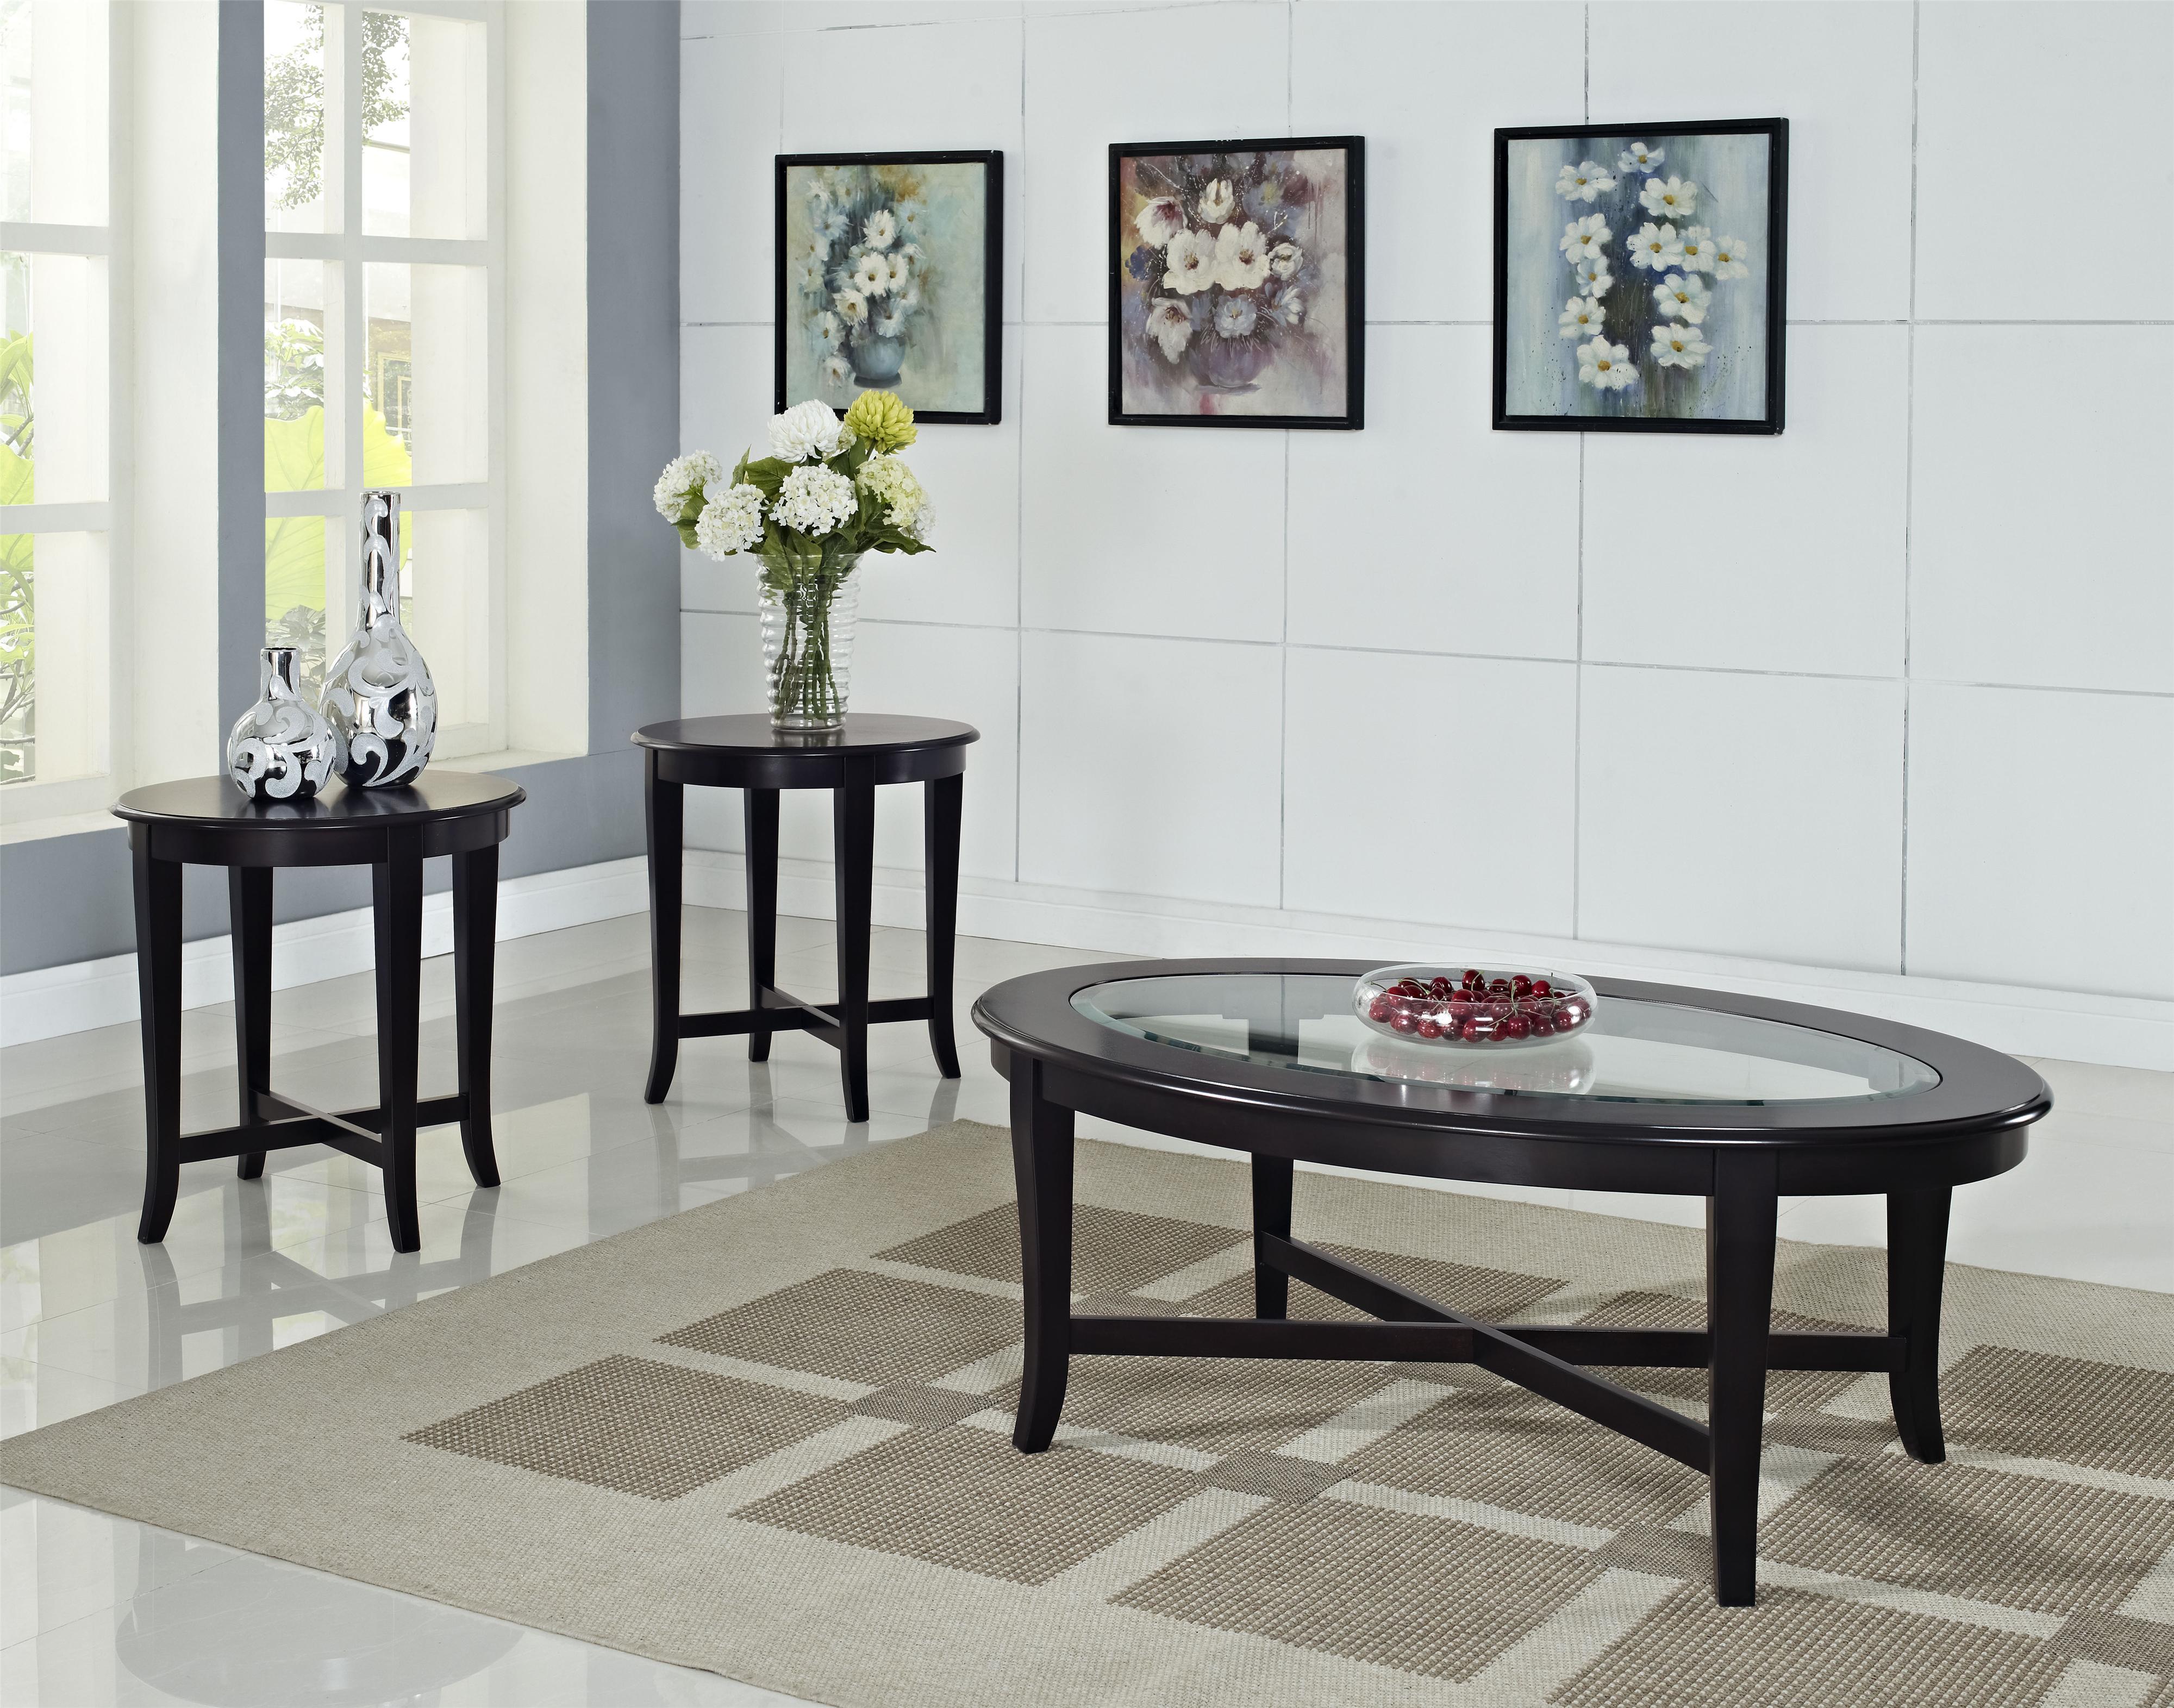 Standard Furniture Sommerset  3 Pack Tables - Item Number: 27033